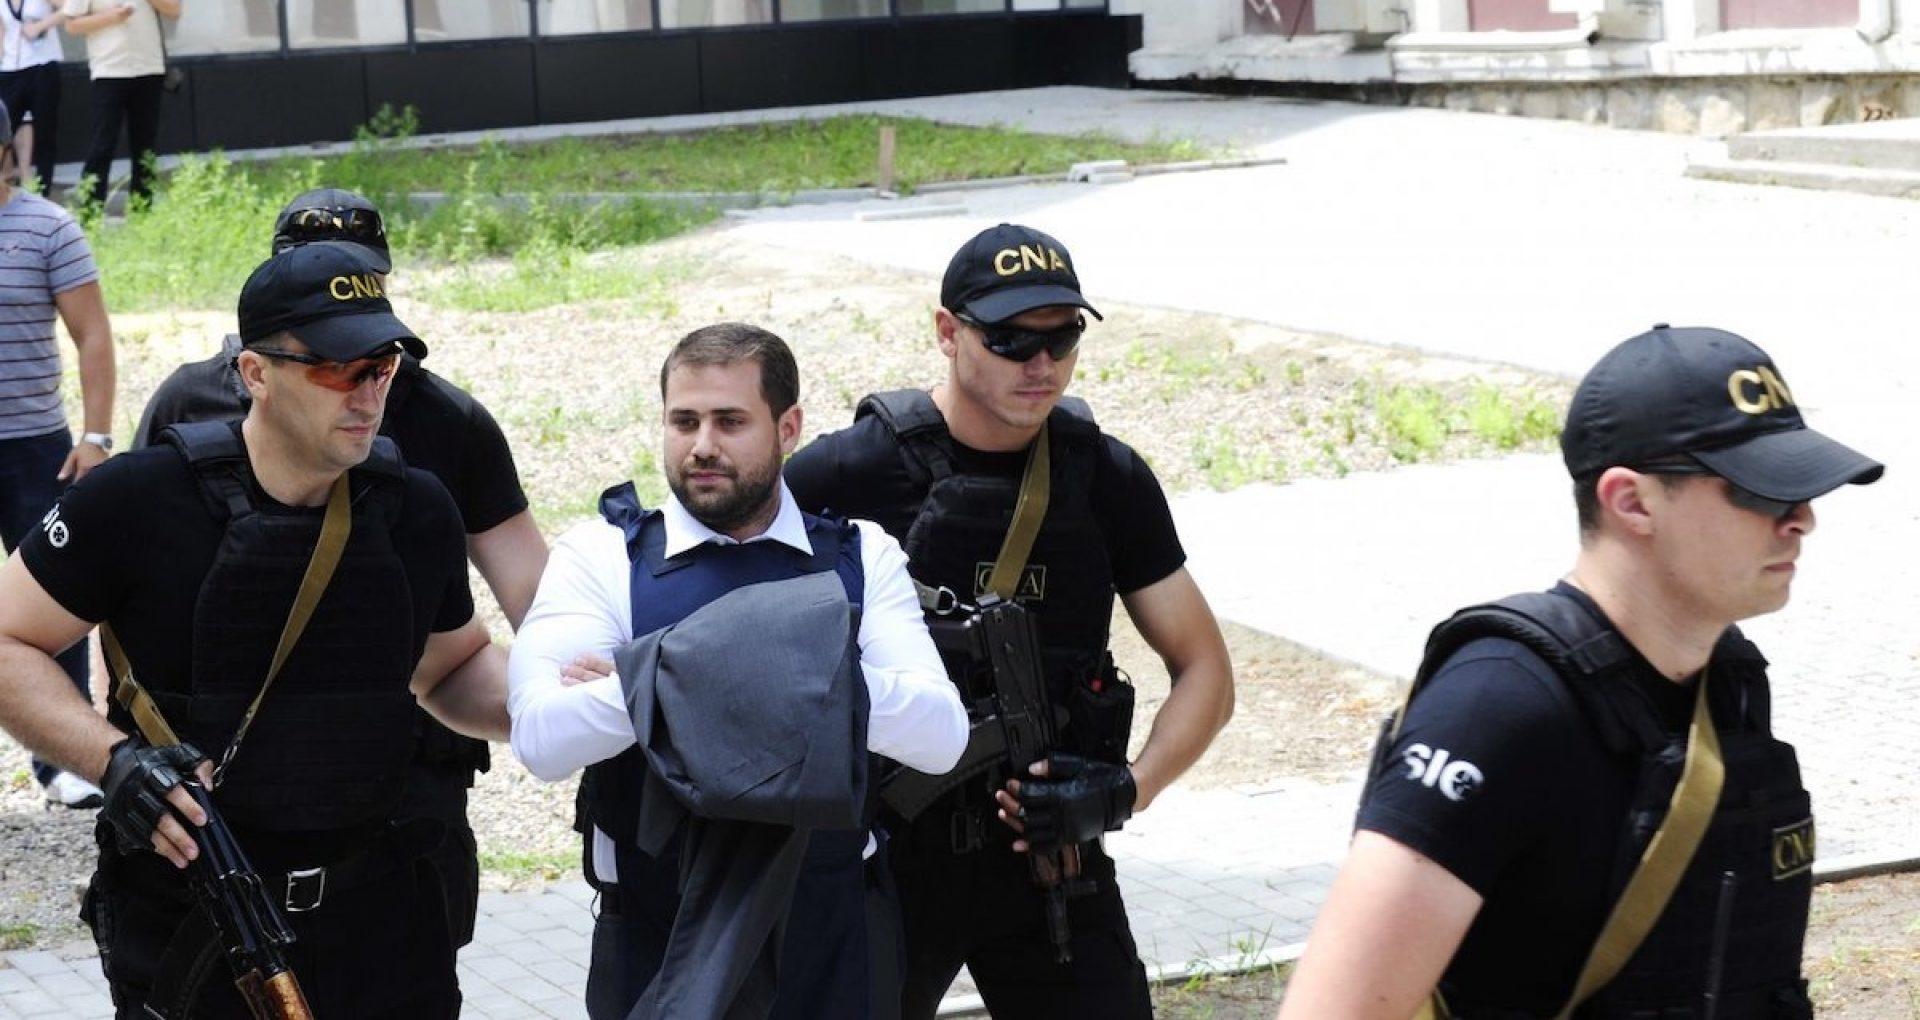 Oficial/ A fost stabilită data primei ședințe de judecată în dosarul Șor la Curtea de Apel Chișinău. Detalii despre judecătorii din complet